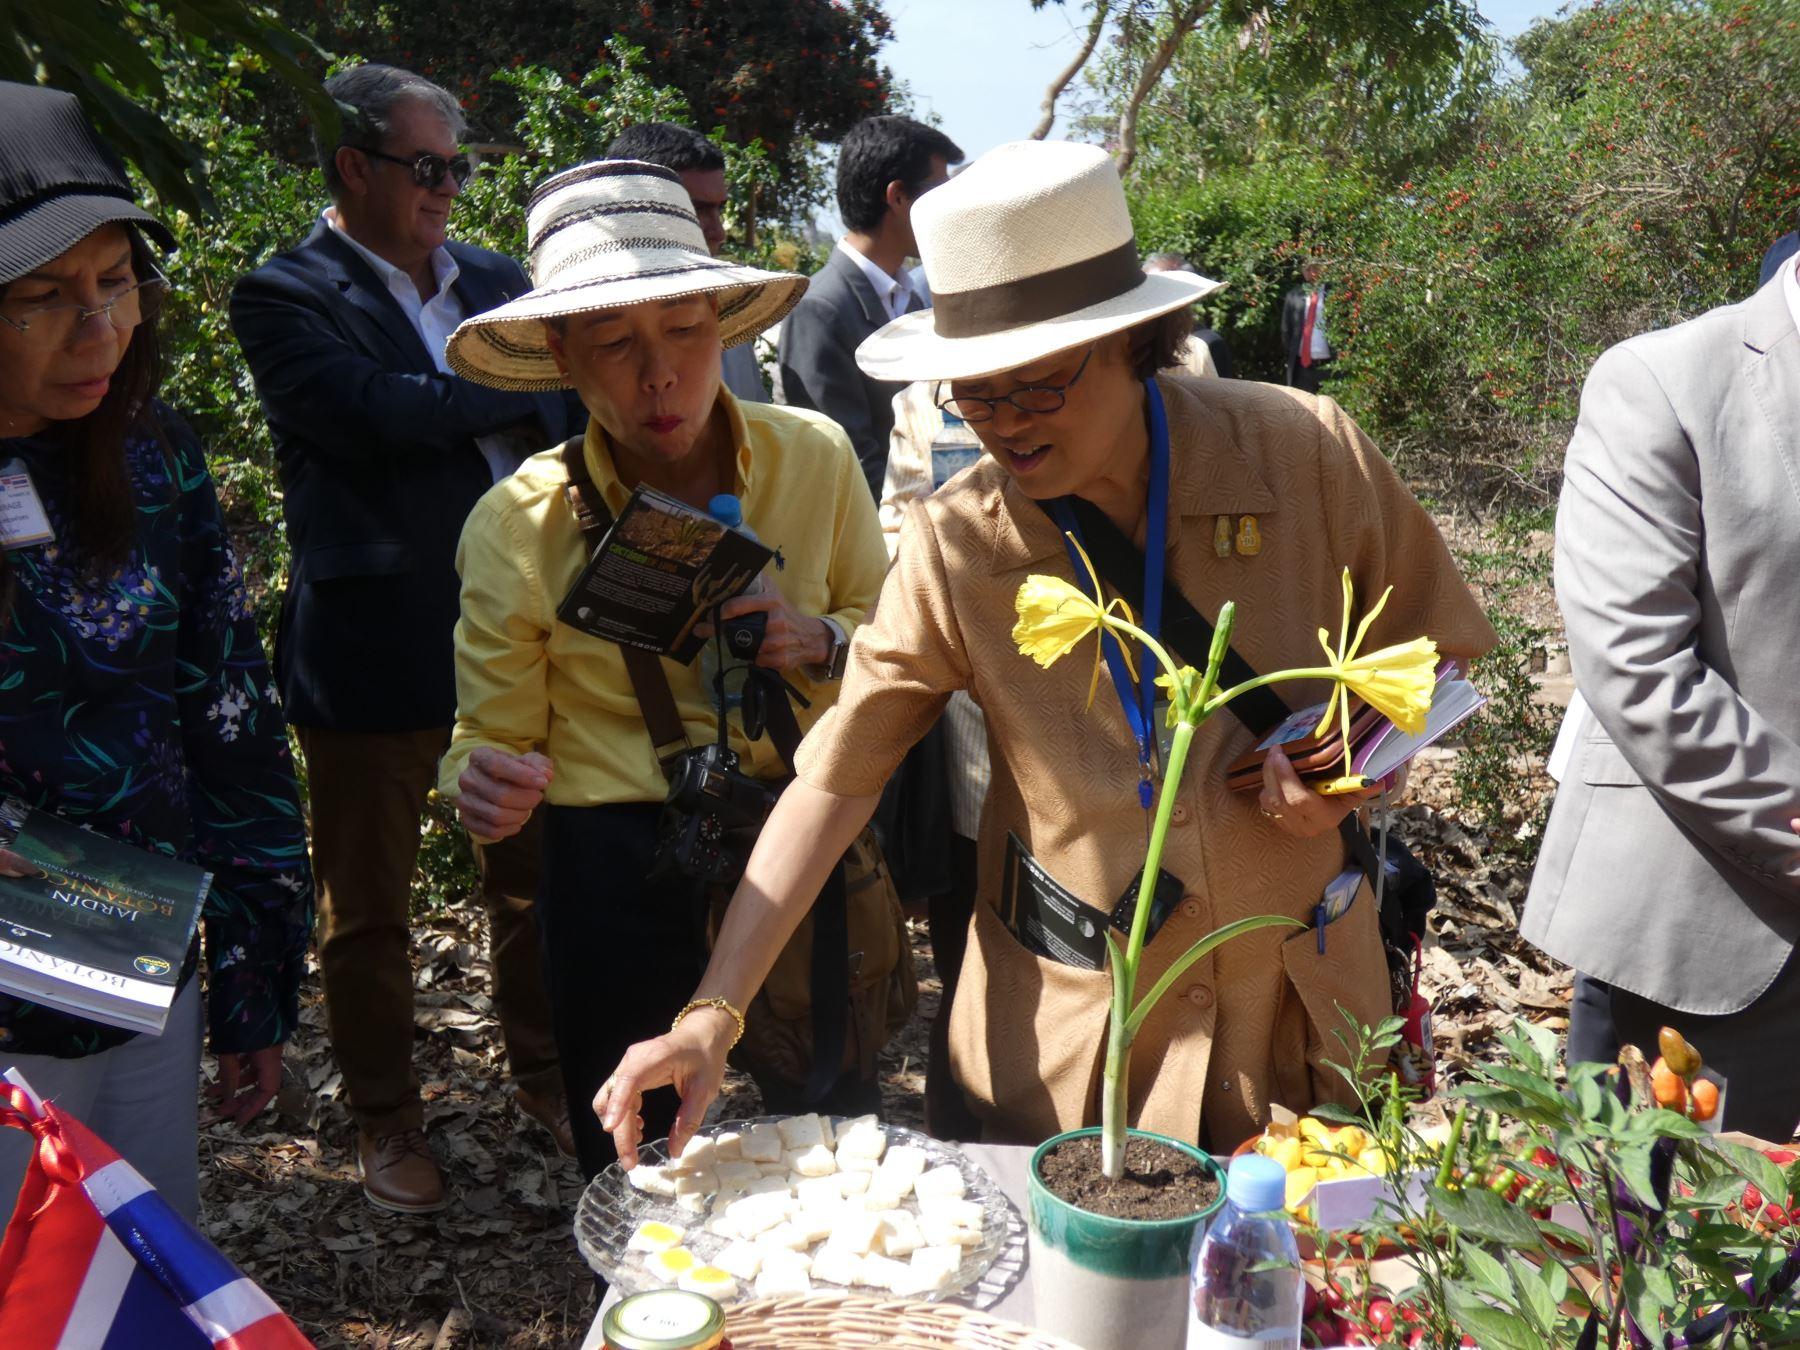 Thai Princess Maha Chakri Sirindhorn visits Peru | News